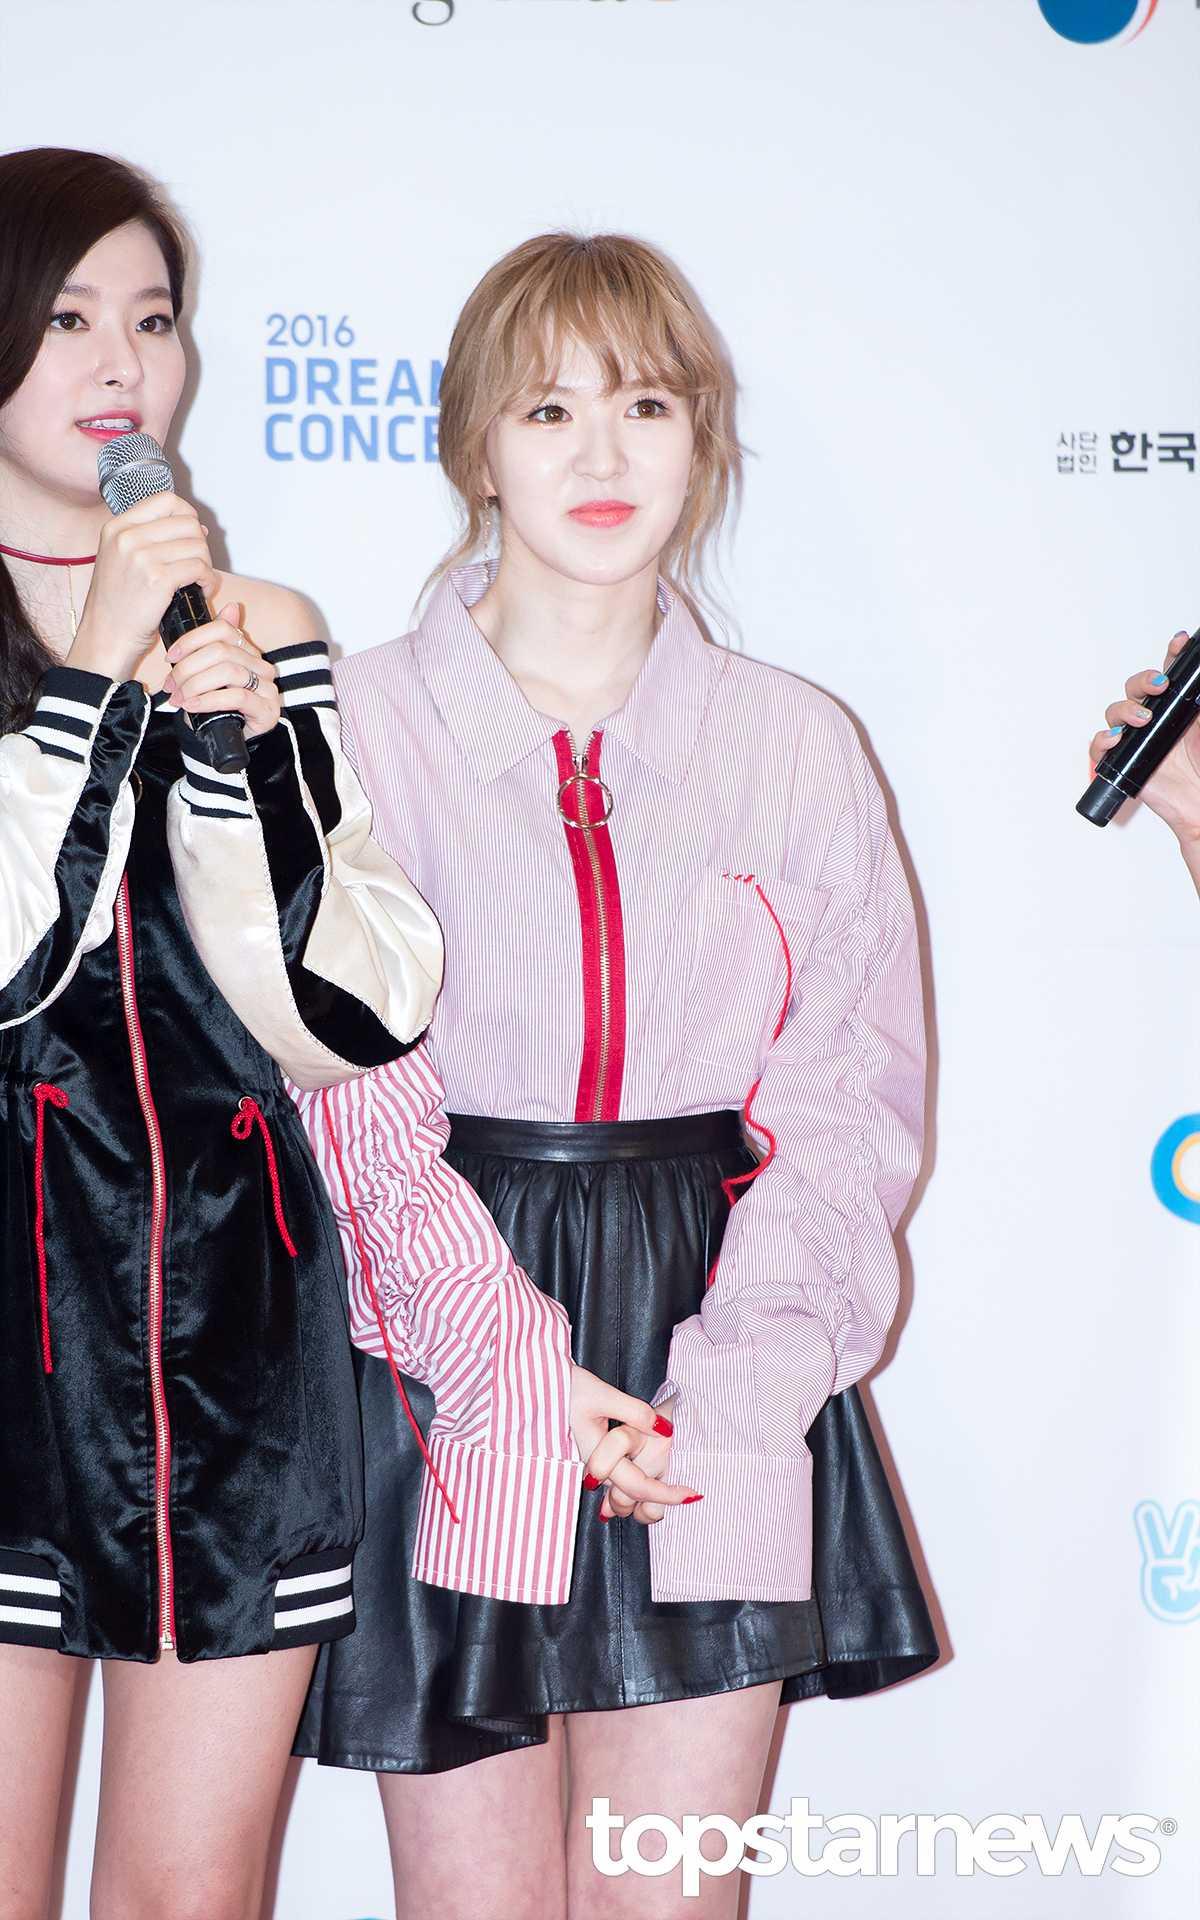 接下來是Wendy~這套雖然好像蠻可愛的,但是袖子為什麼這麼長啦?手不是在正確的位置伸出來欸XD